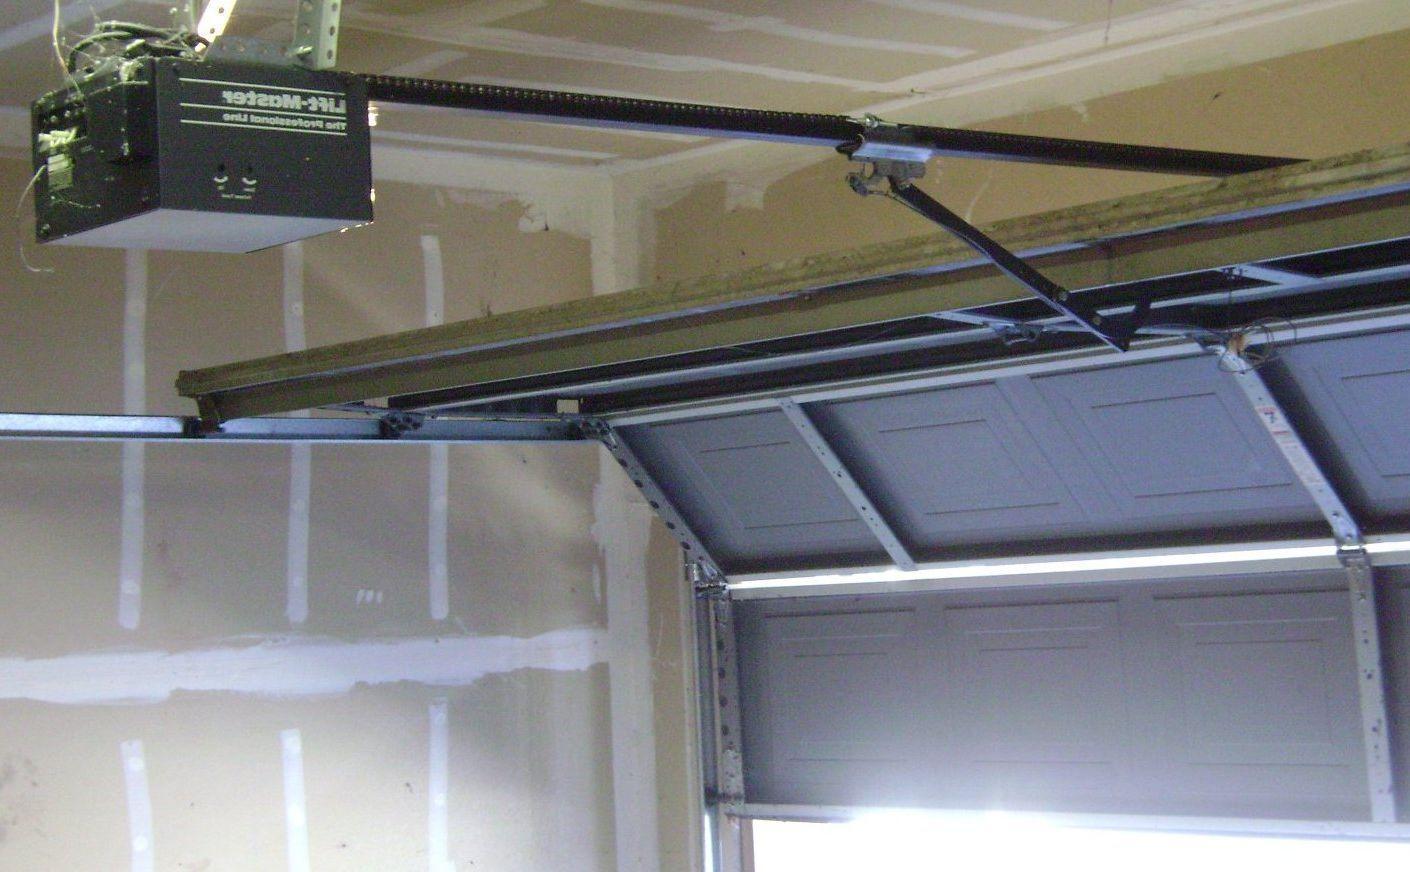 Gate repair services in encino for Long beach garage door repair